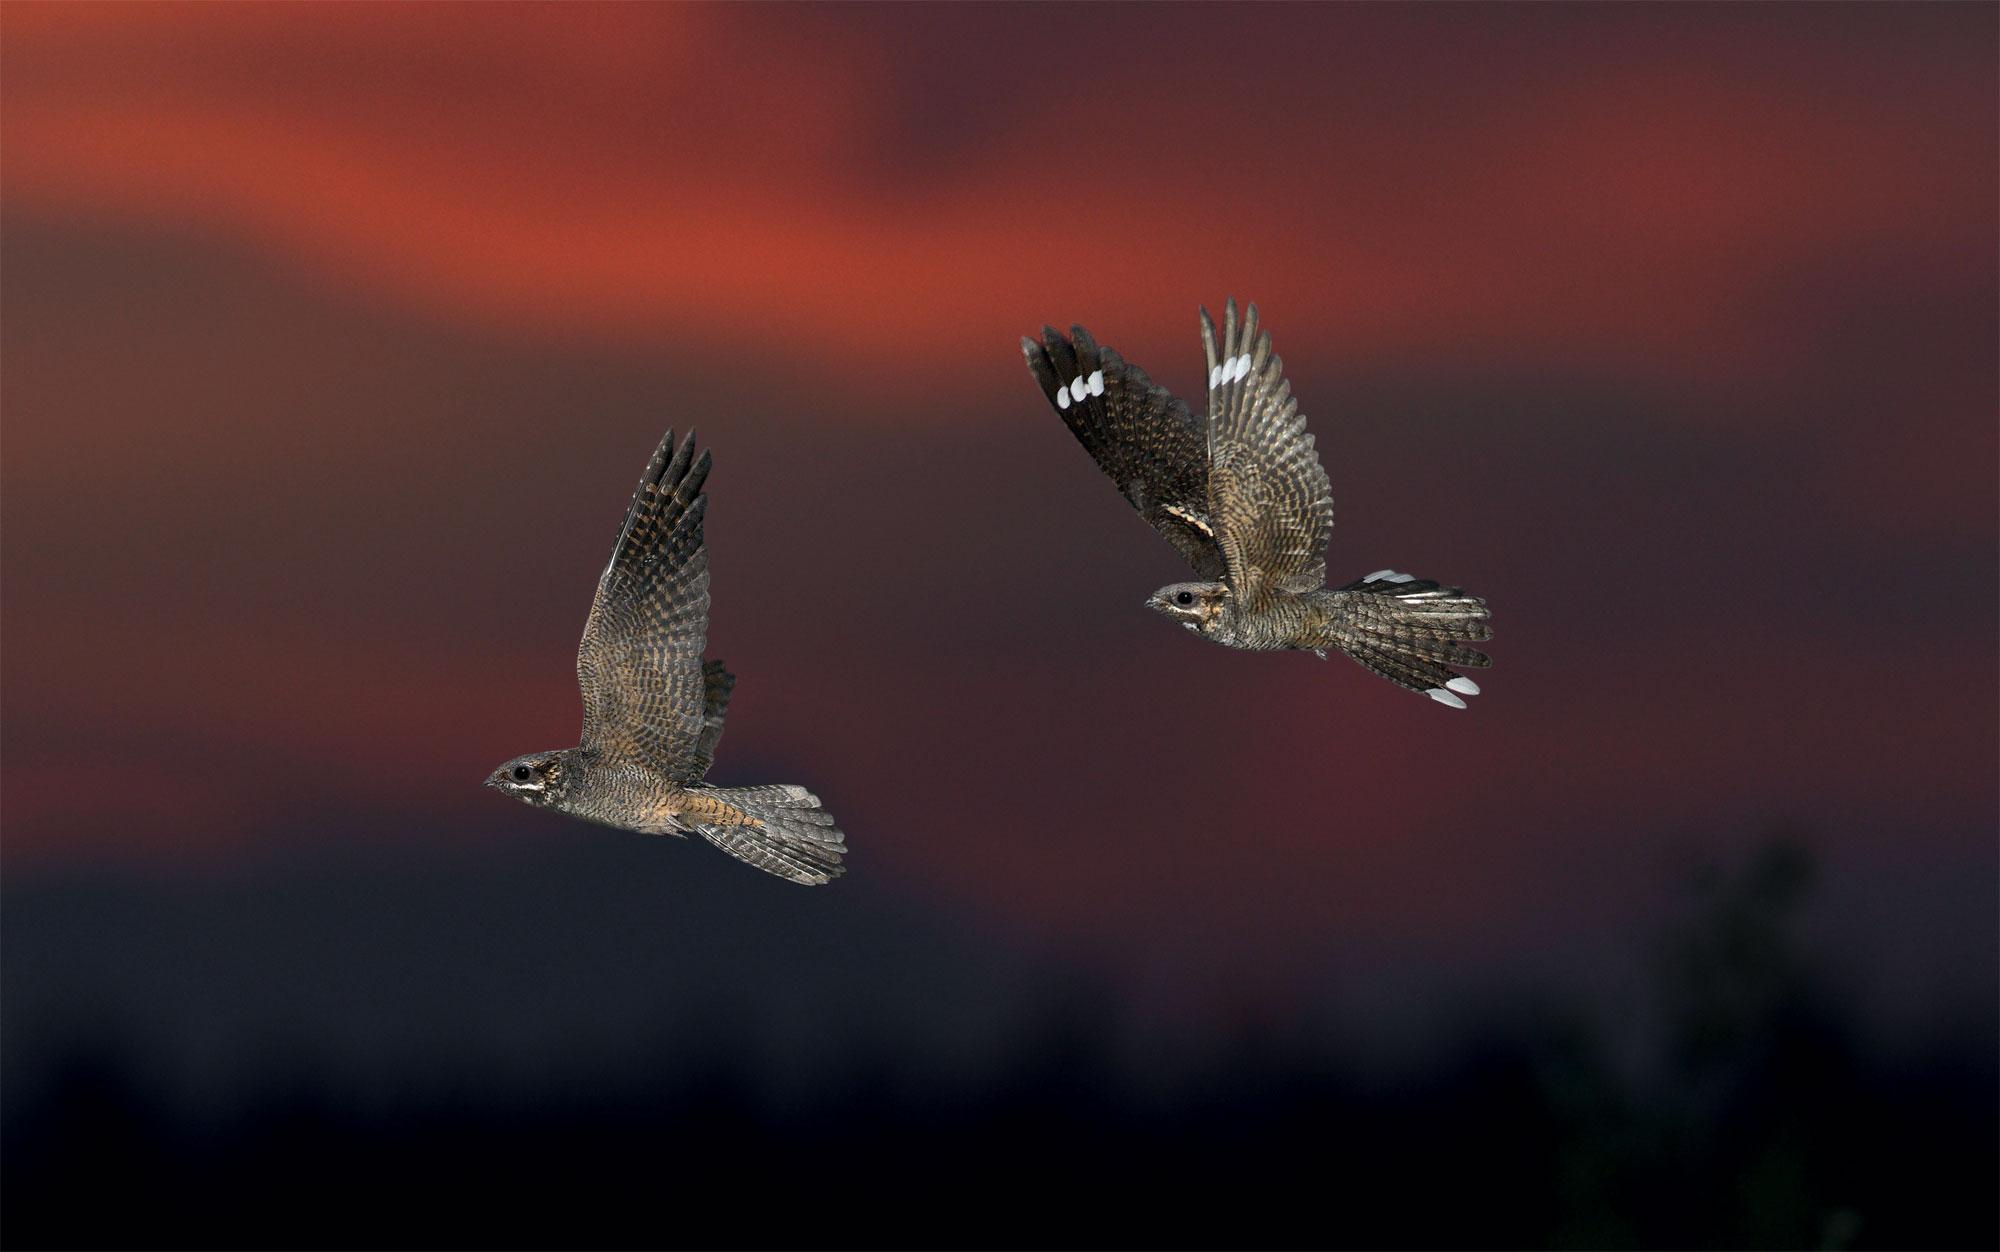 L'engoulevent, un oiseau friand de papillons de nuit